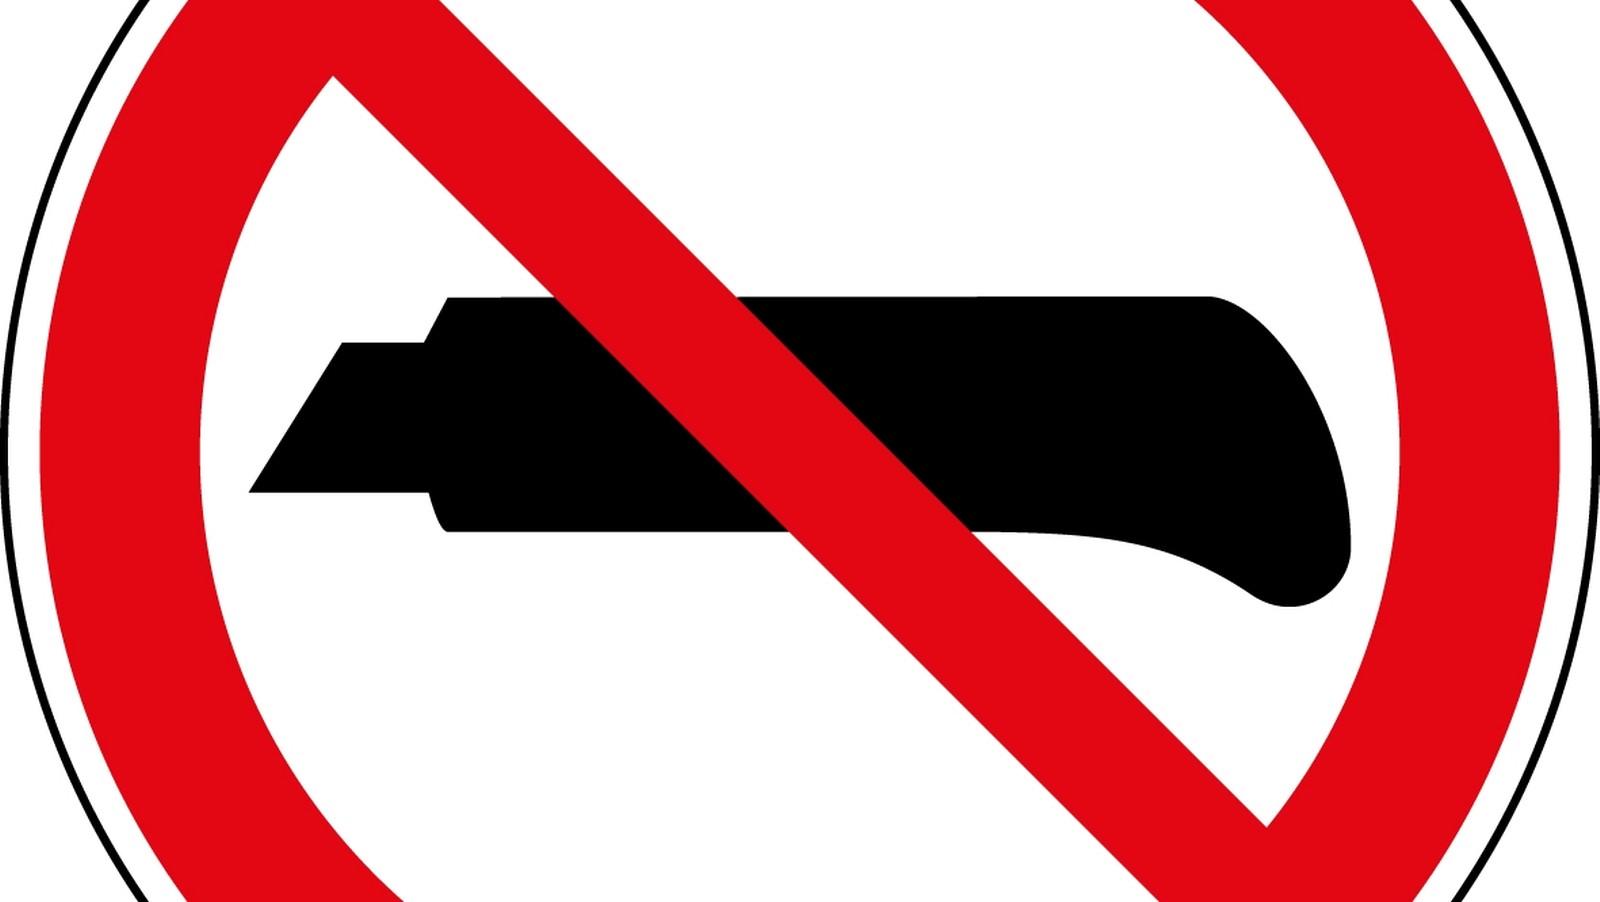 Ein Teppichmesser in der Leipziger Waffenverbotszone.